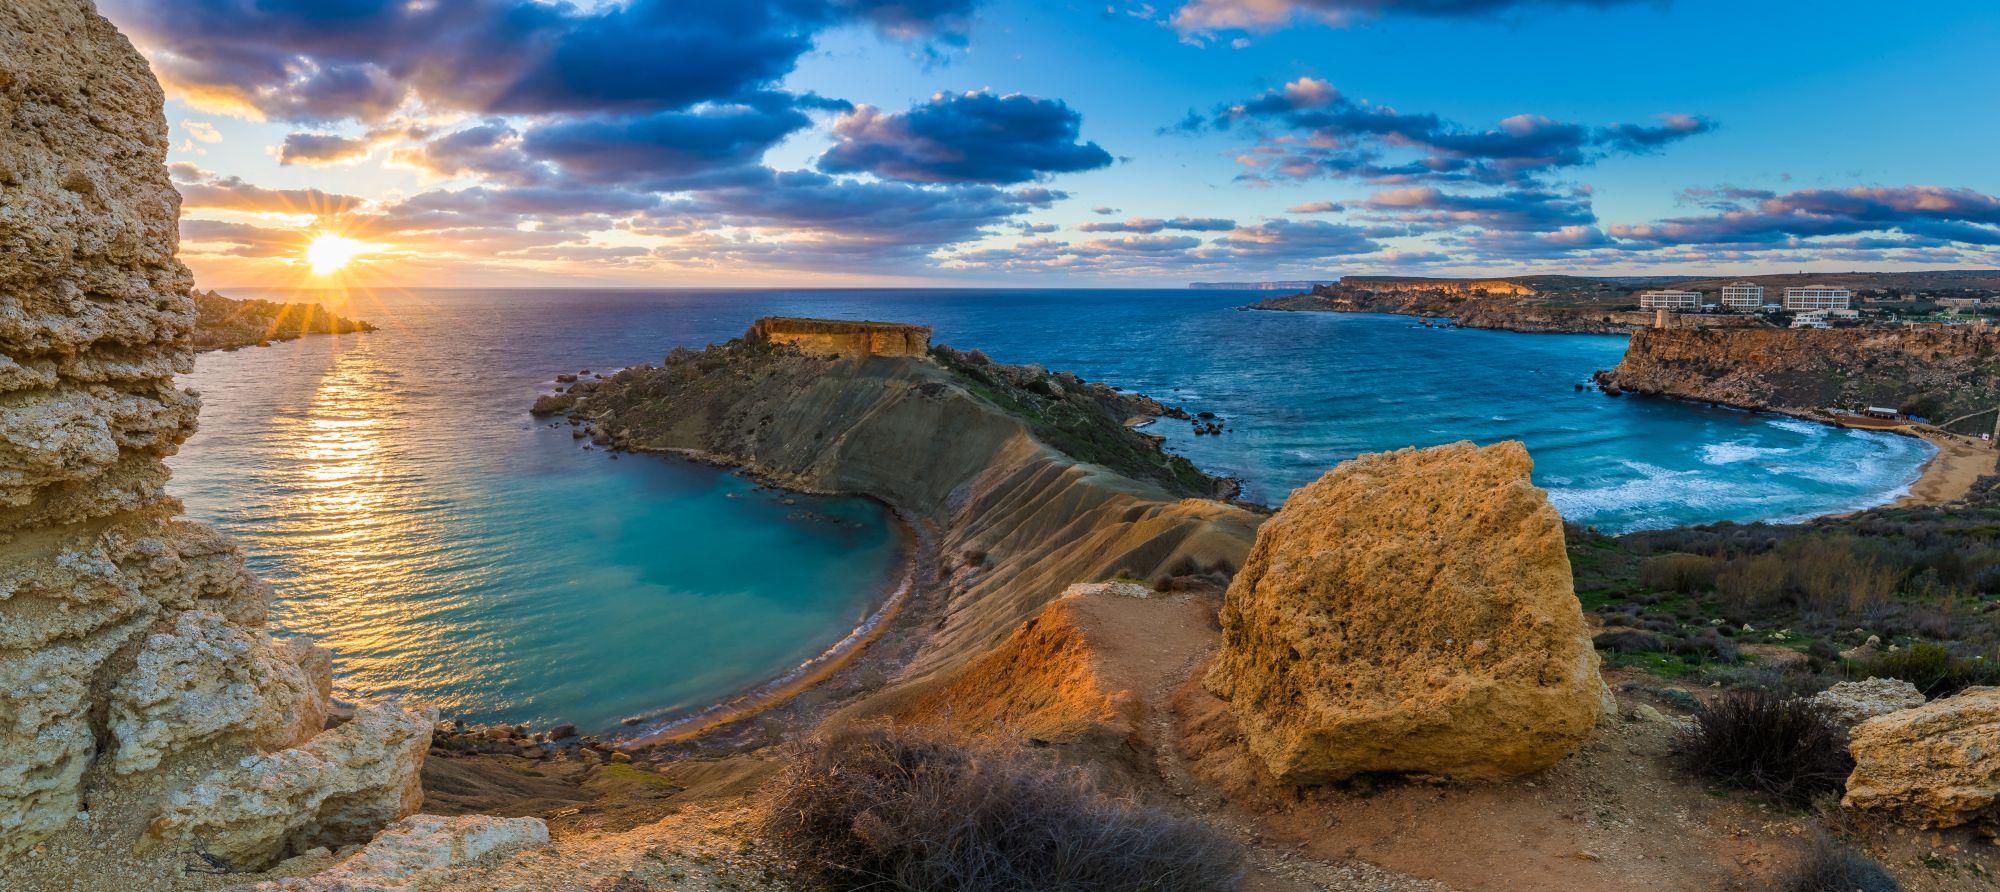 Malta widok zatoki